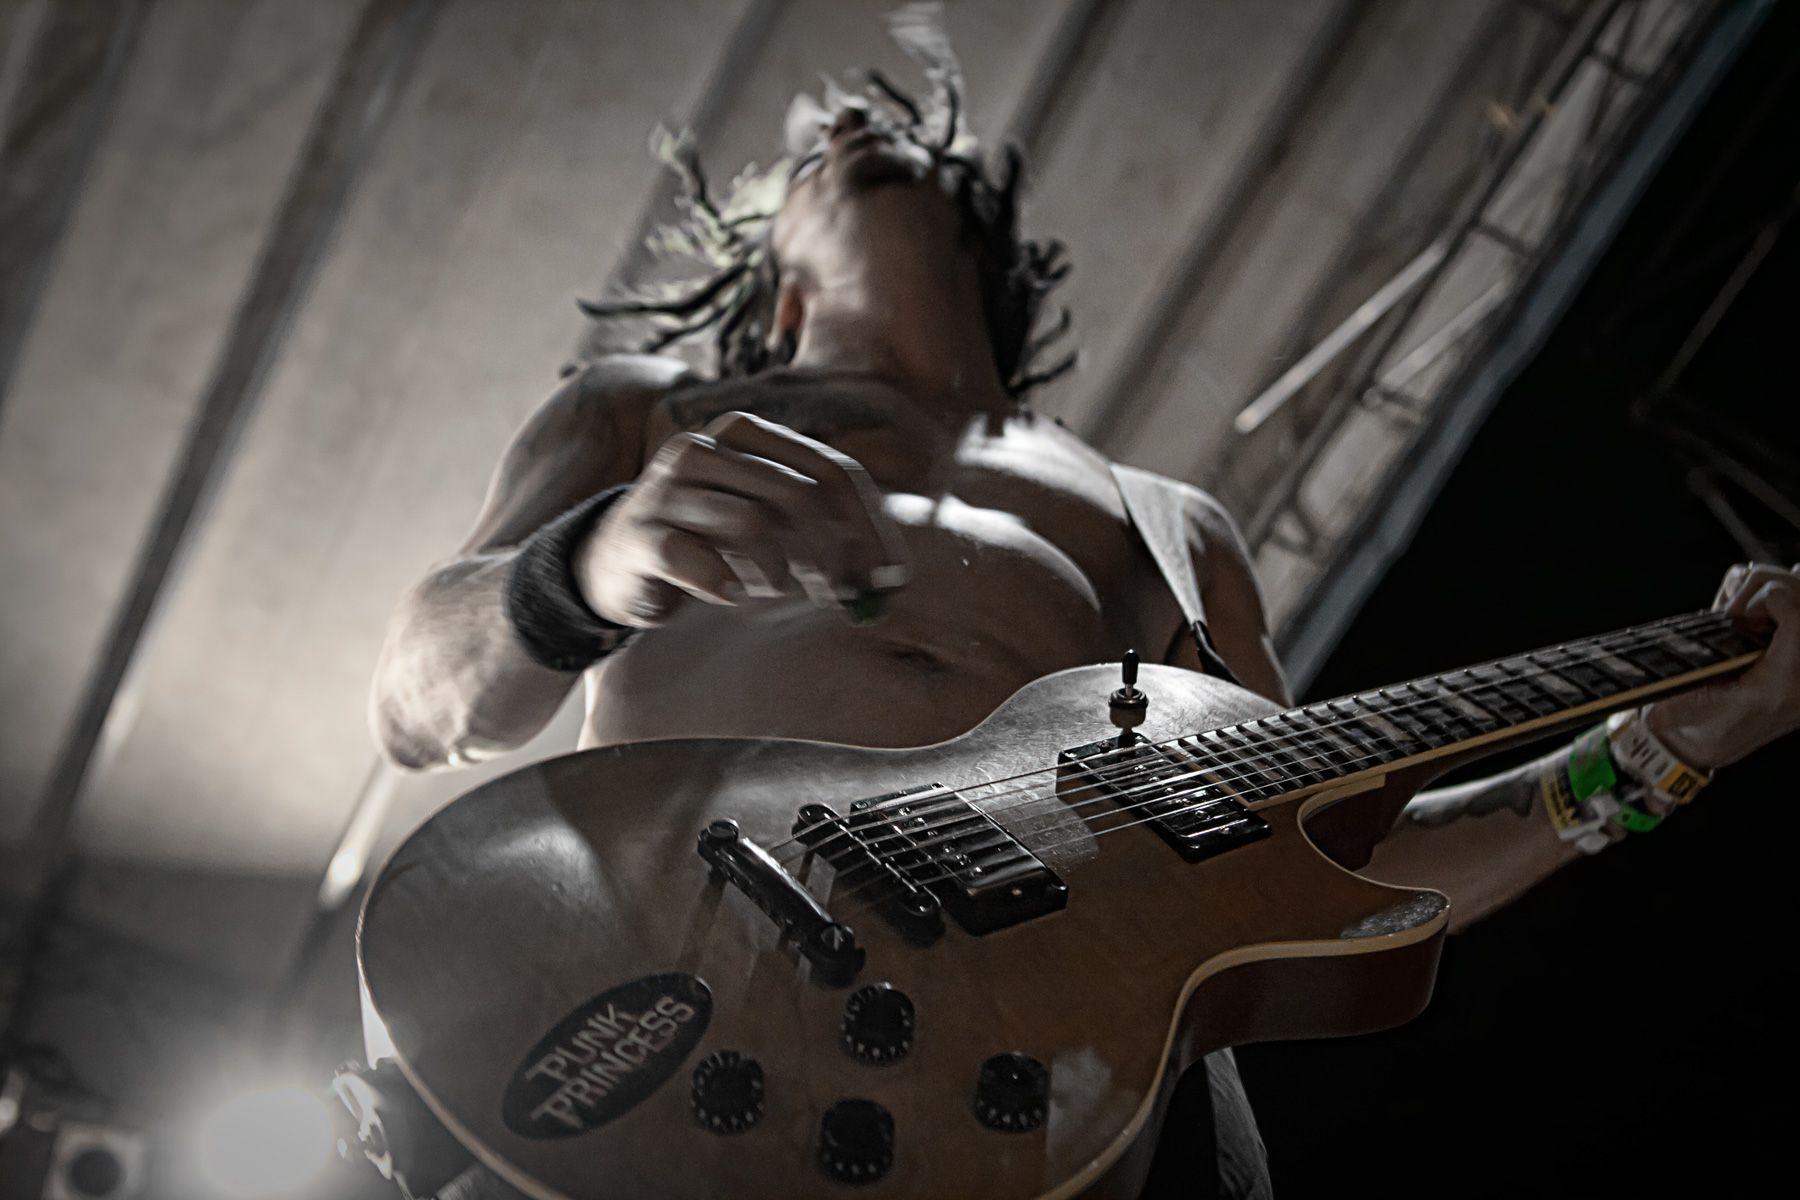 chitarrista dei nofx alla festa di radio onda d'urto